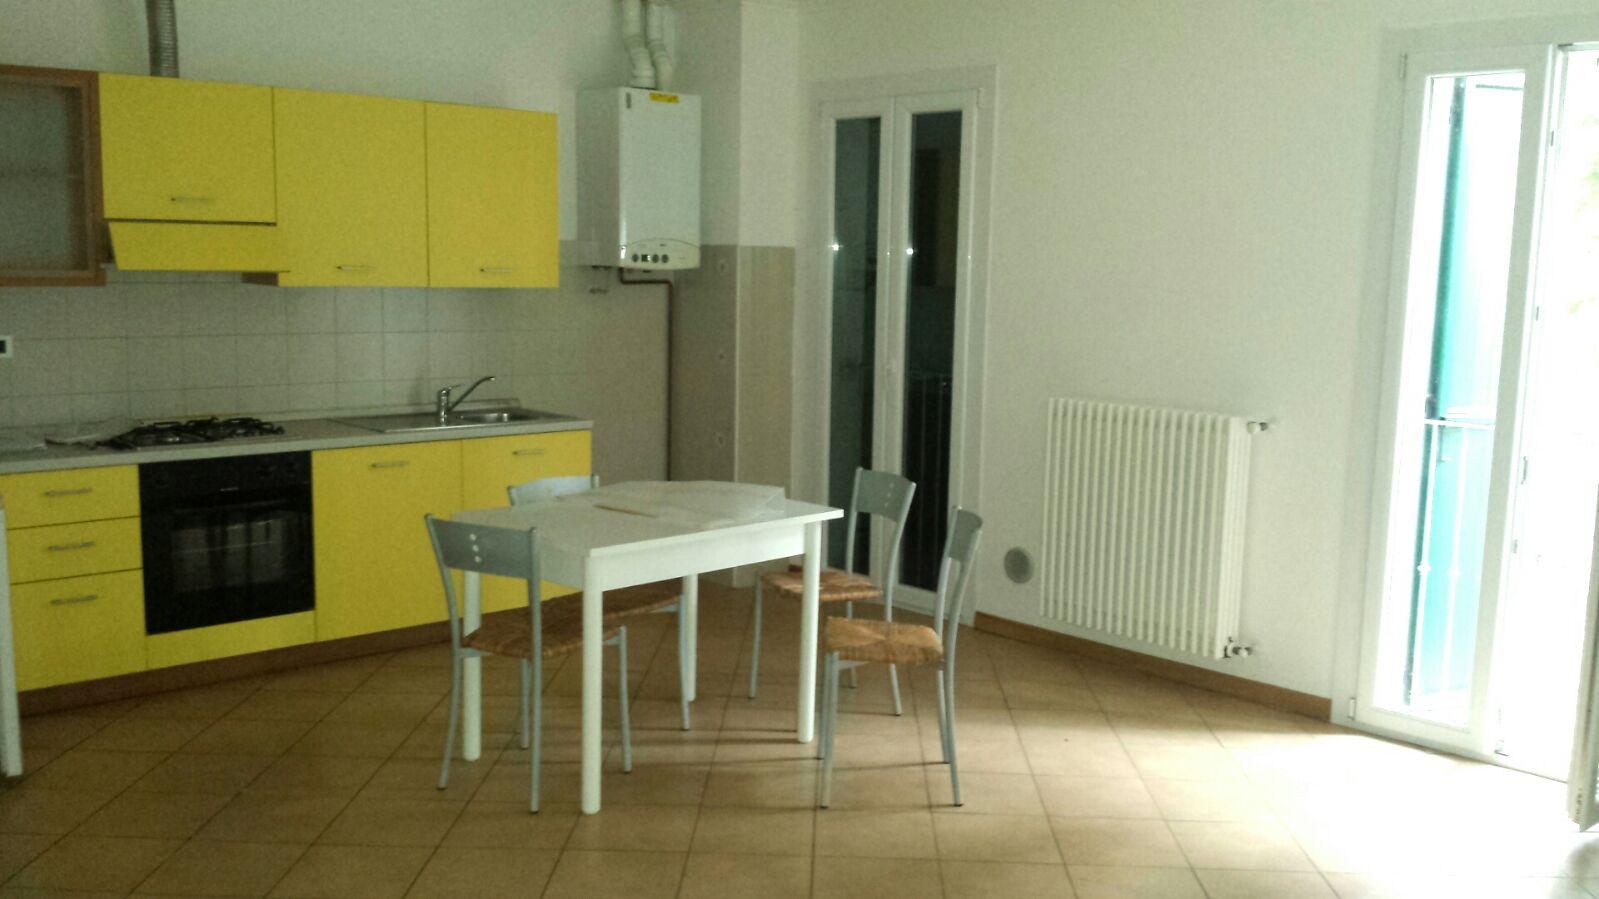 Appartamento in affitto a Castel Bolognese, 4 locali, zona Località: CastelBolognese, prezzo € 430 | Cambio Casa.it